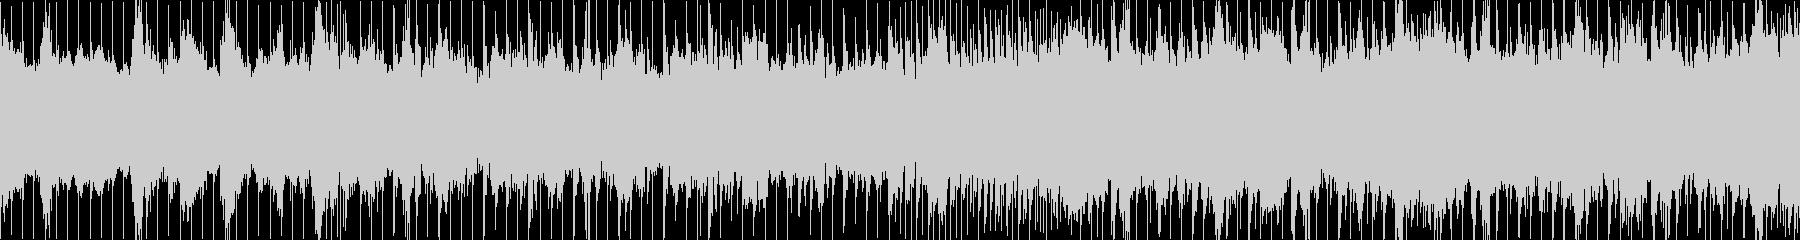 和風と現代音楽のごちゃ混ぜループBGMの未再生の波形